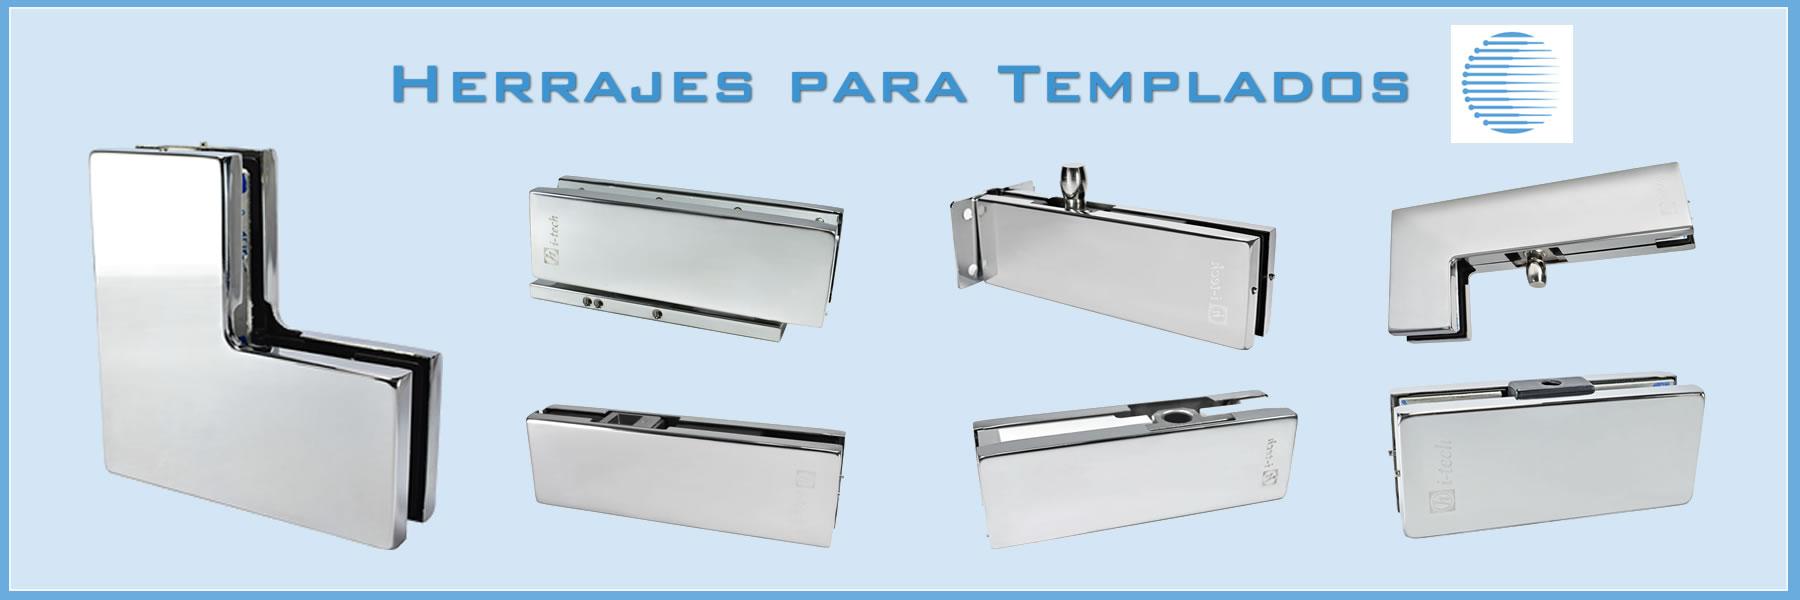 Slide-herrajes-templados